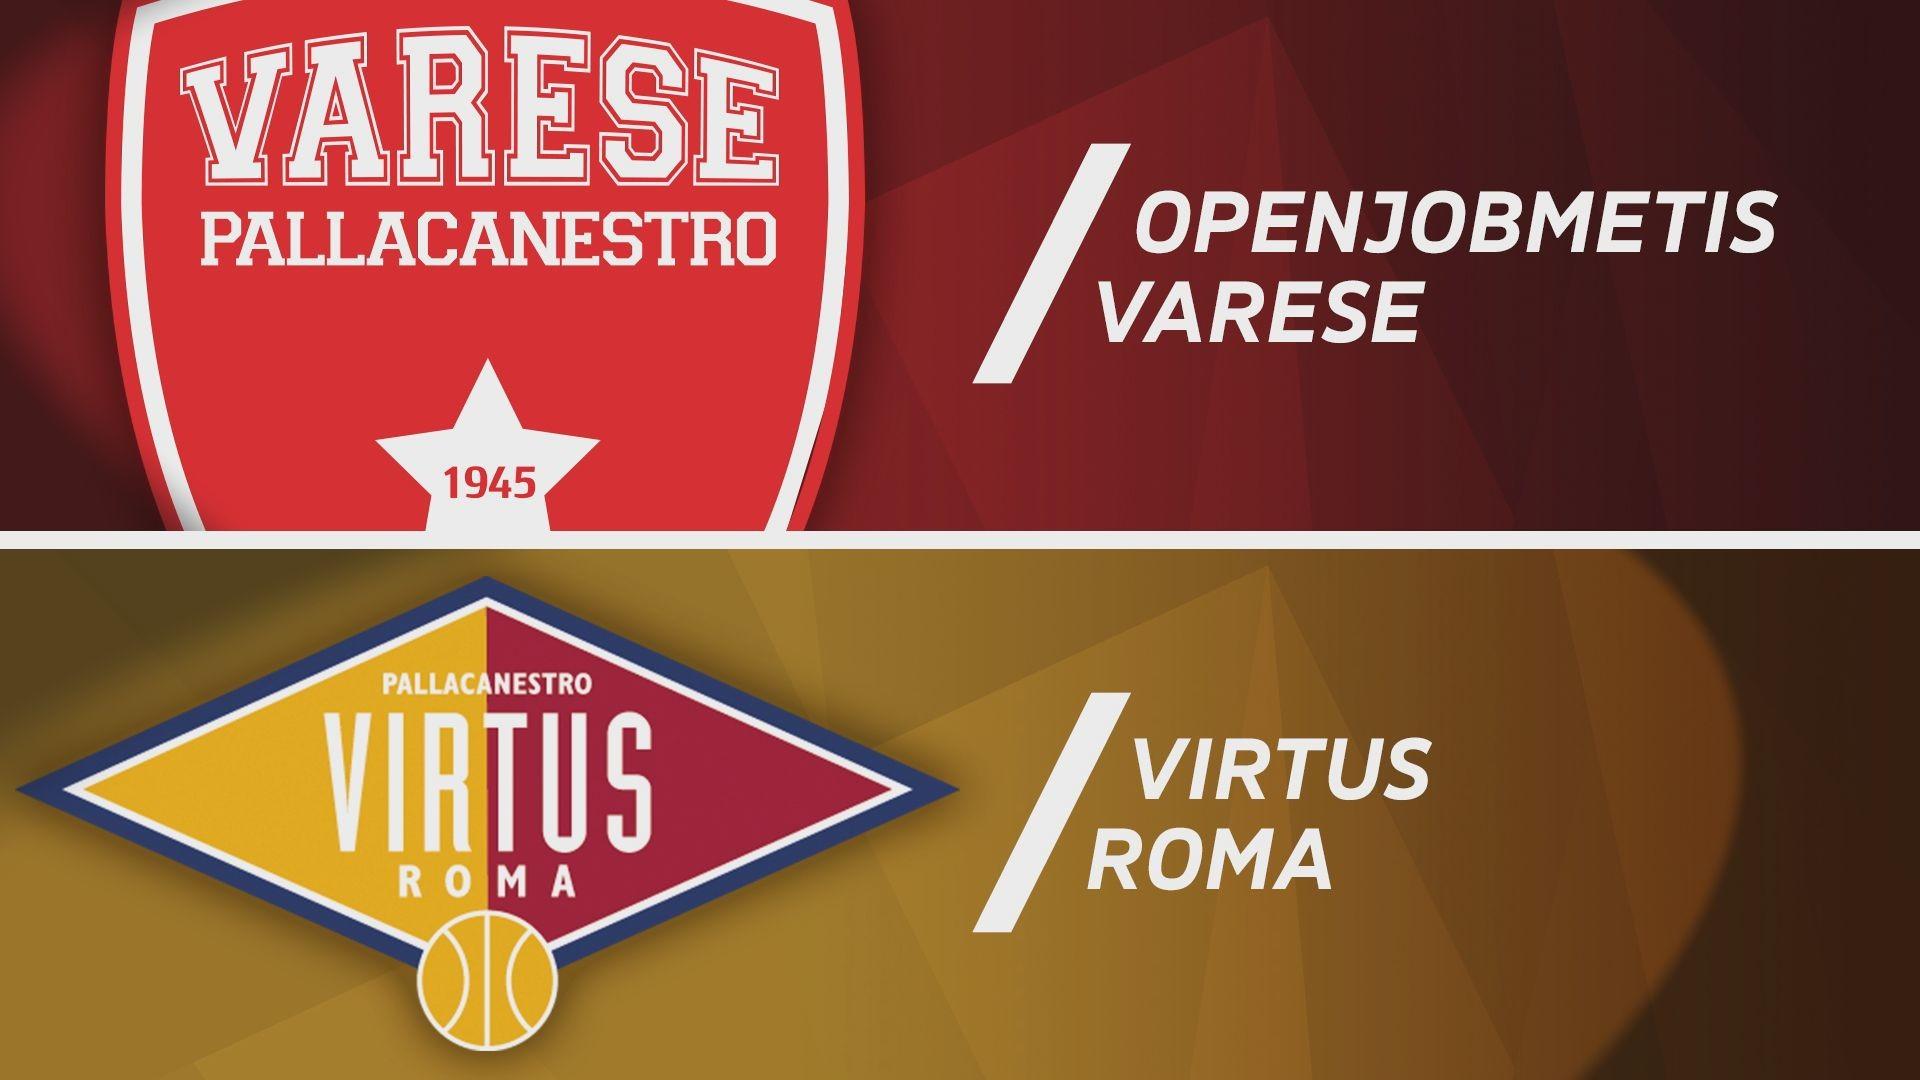 Openjobmetis Varese - Virtus Roma 98-88